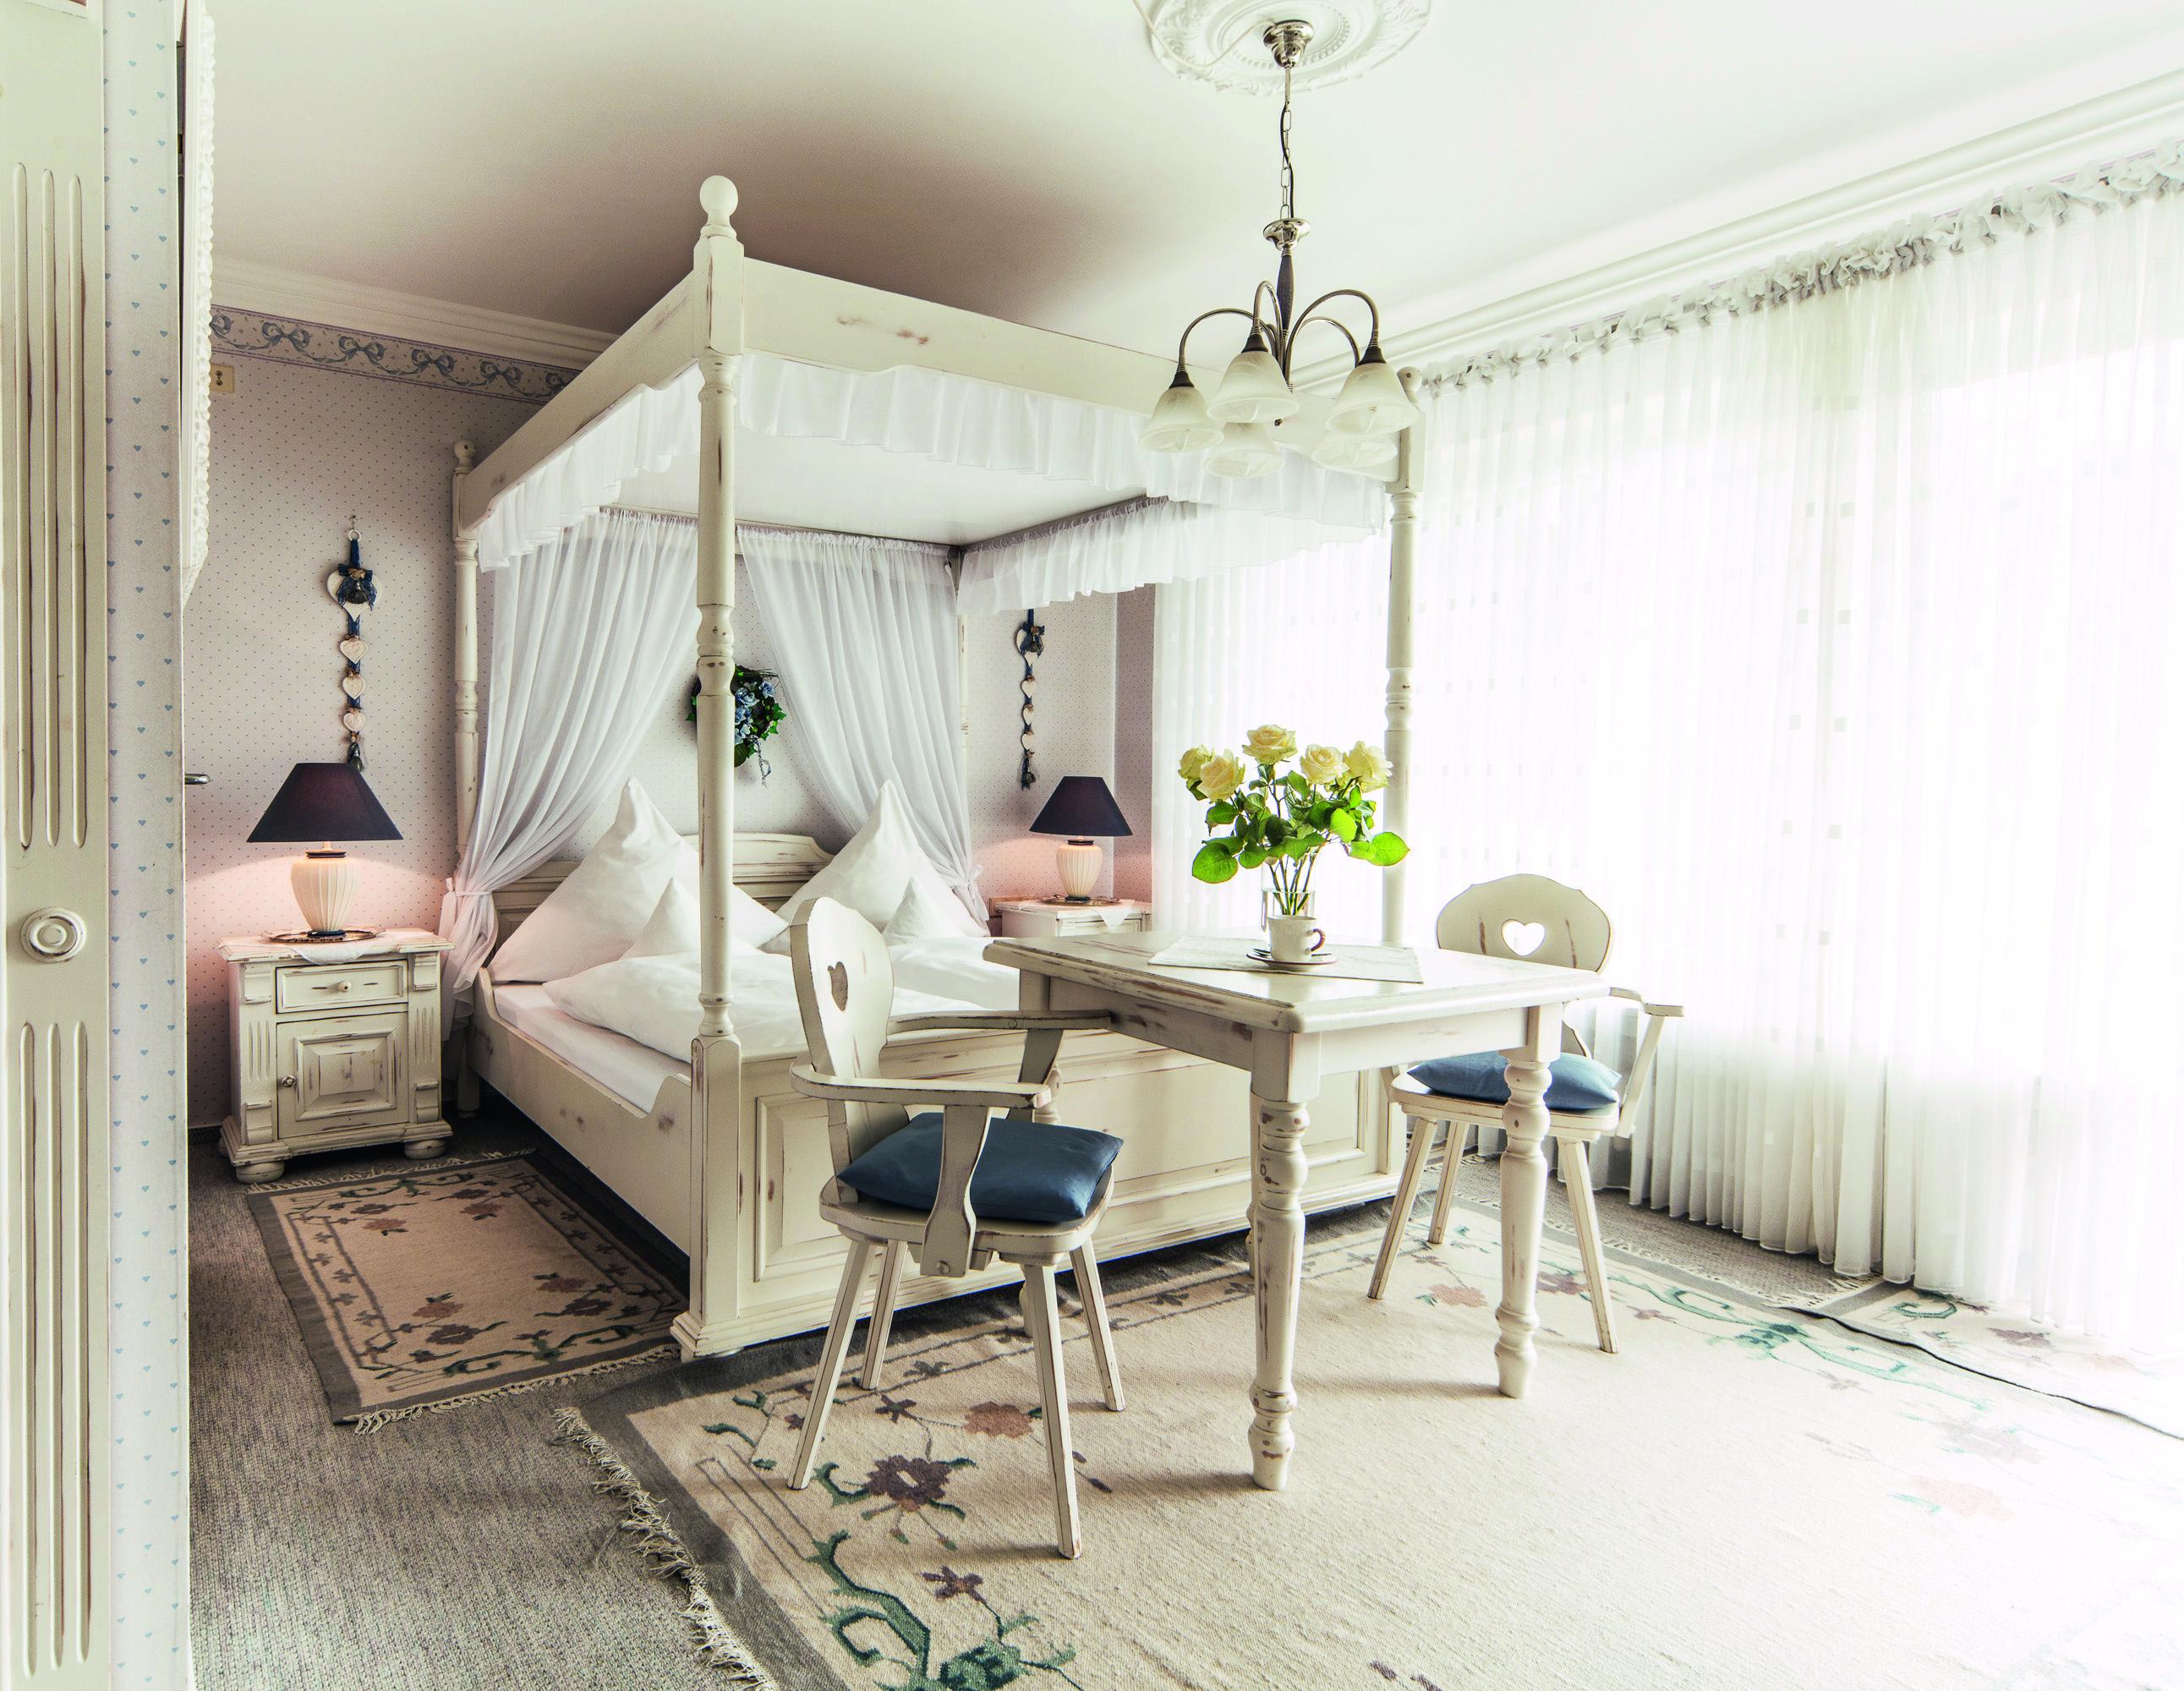 Übernachten in außergewöhnlichen Hotelzimmern